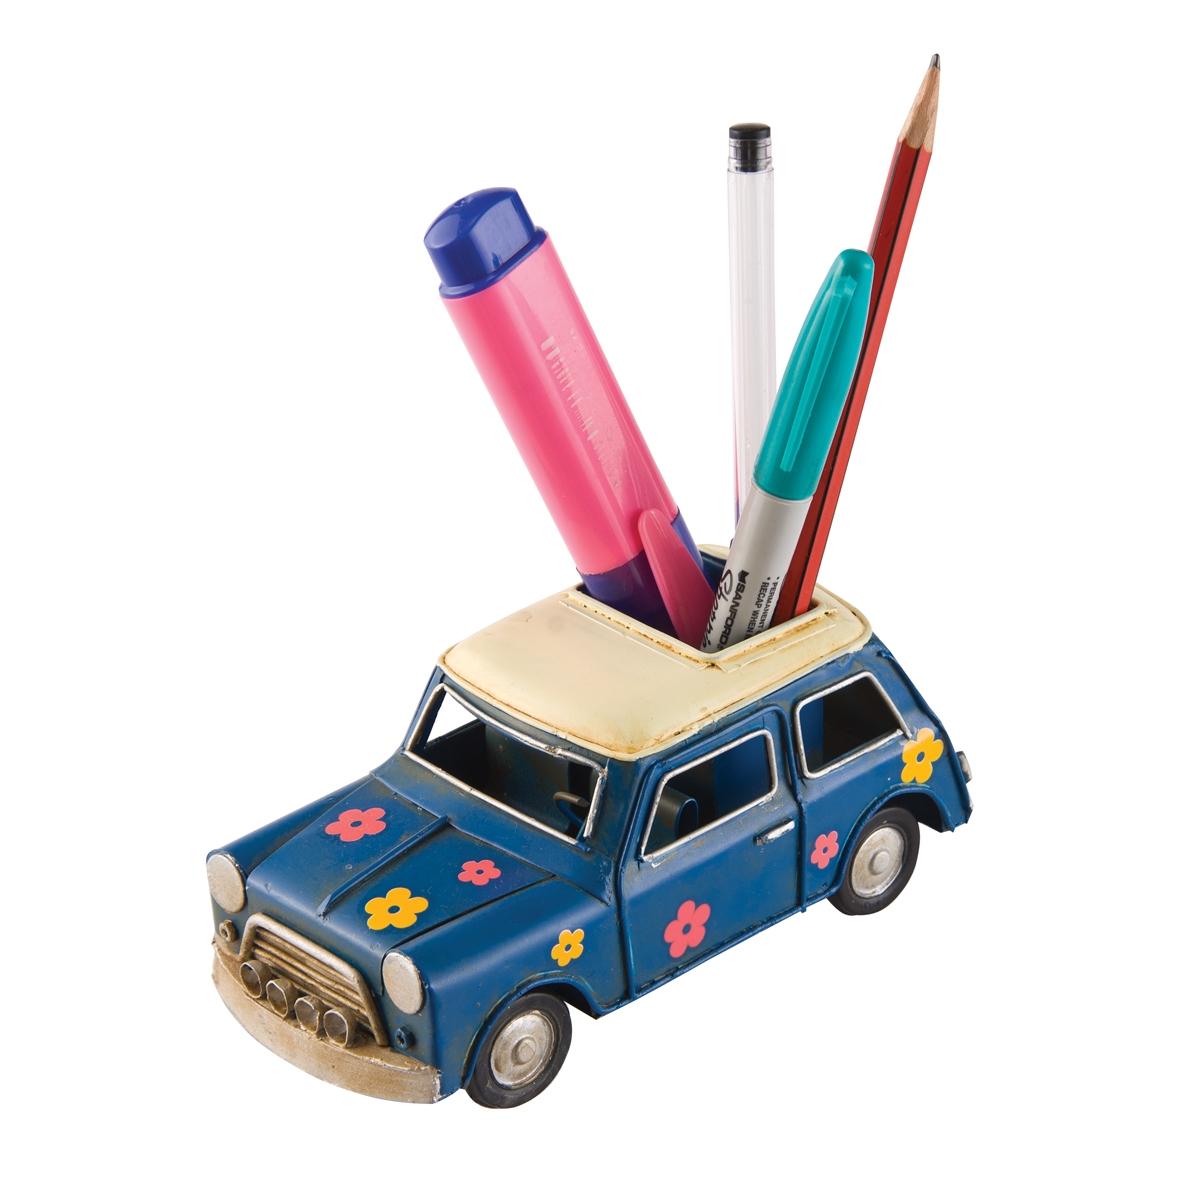 Vintage Car Pen Holder | C&F Home